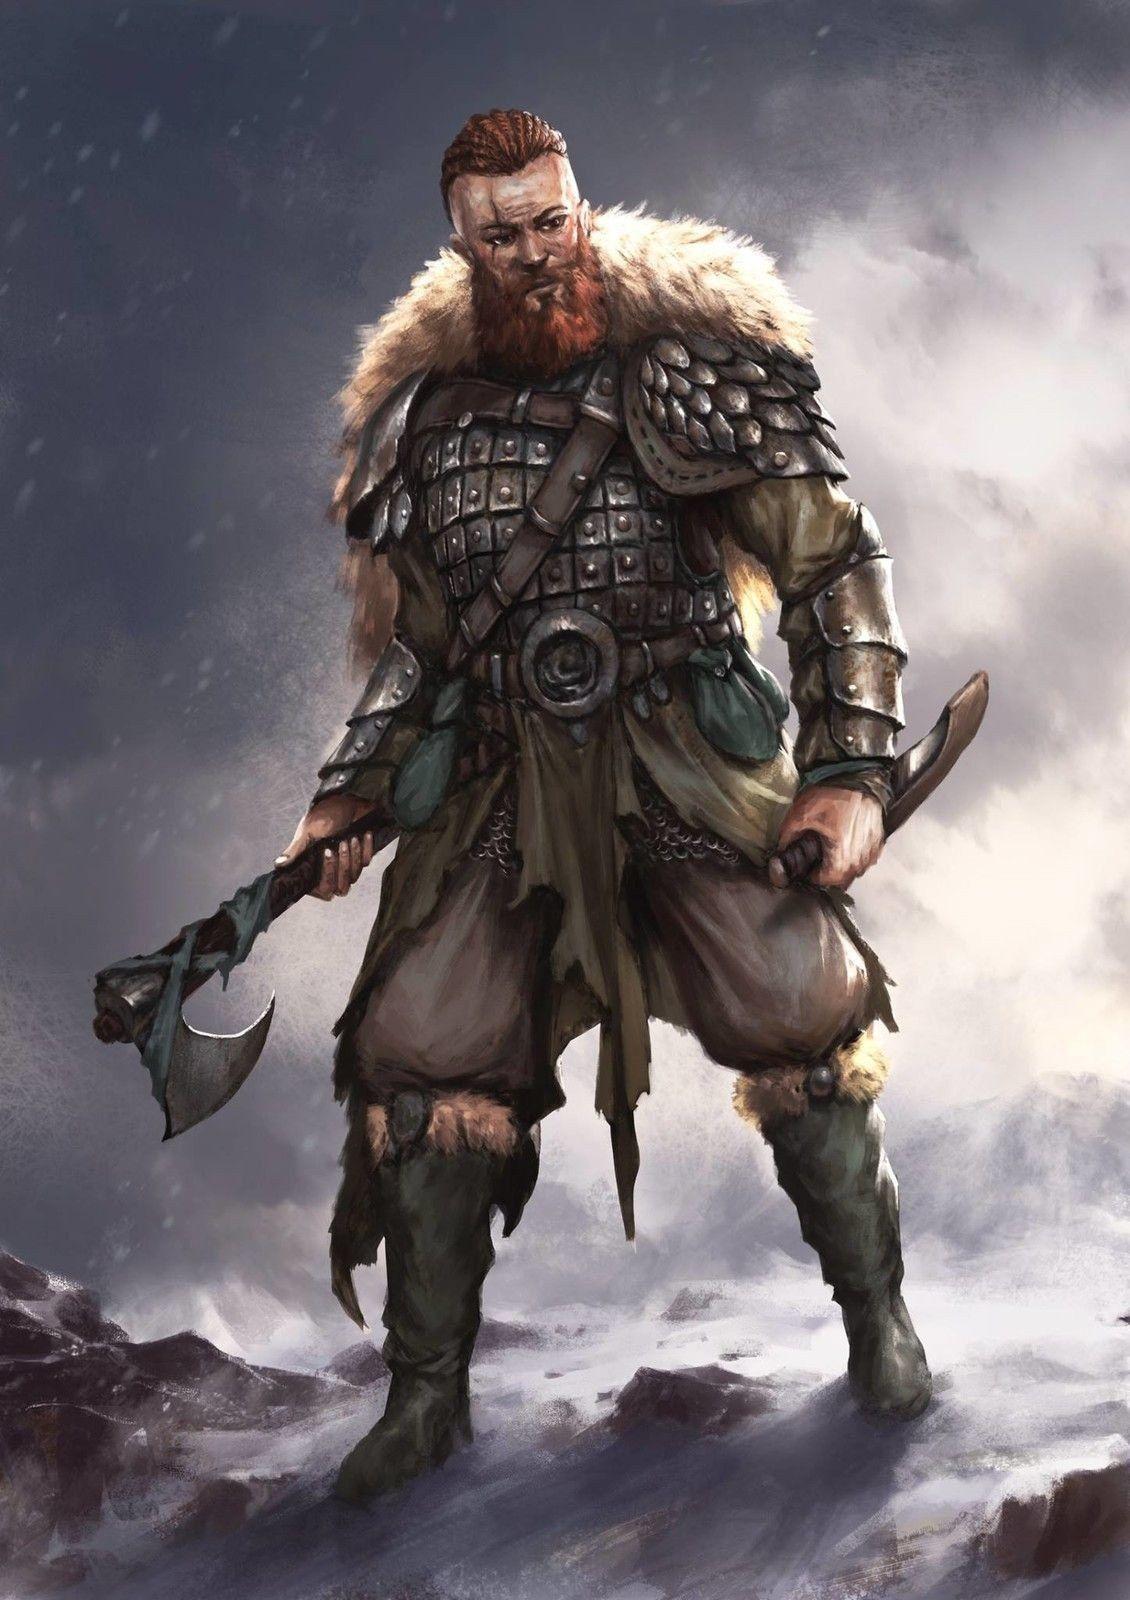 устройств смотреть картинки воинов викингов музыкант-фотограф